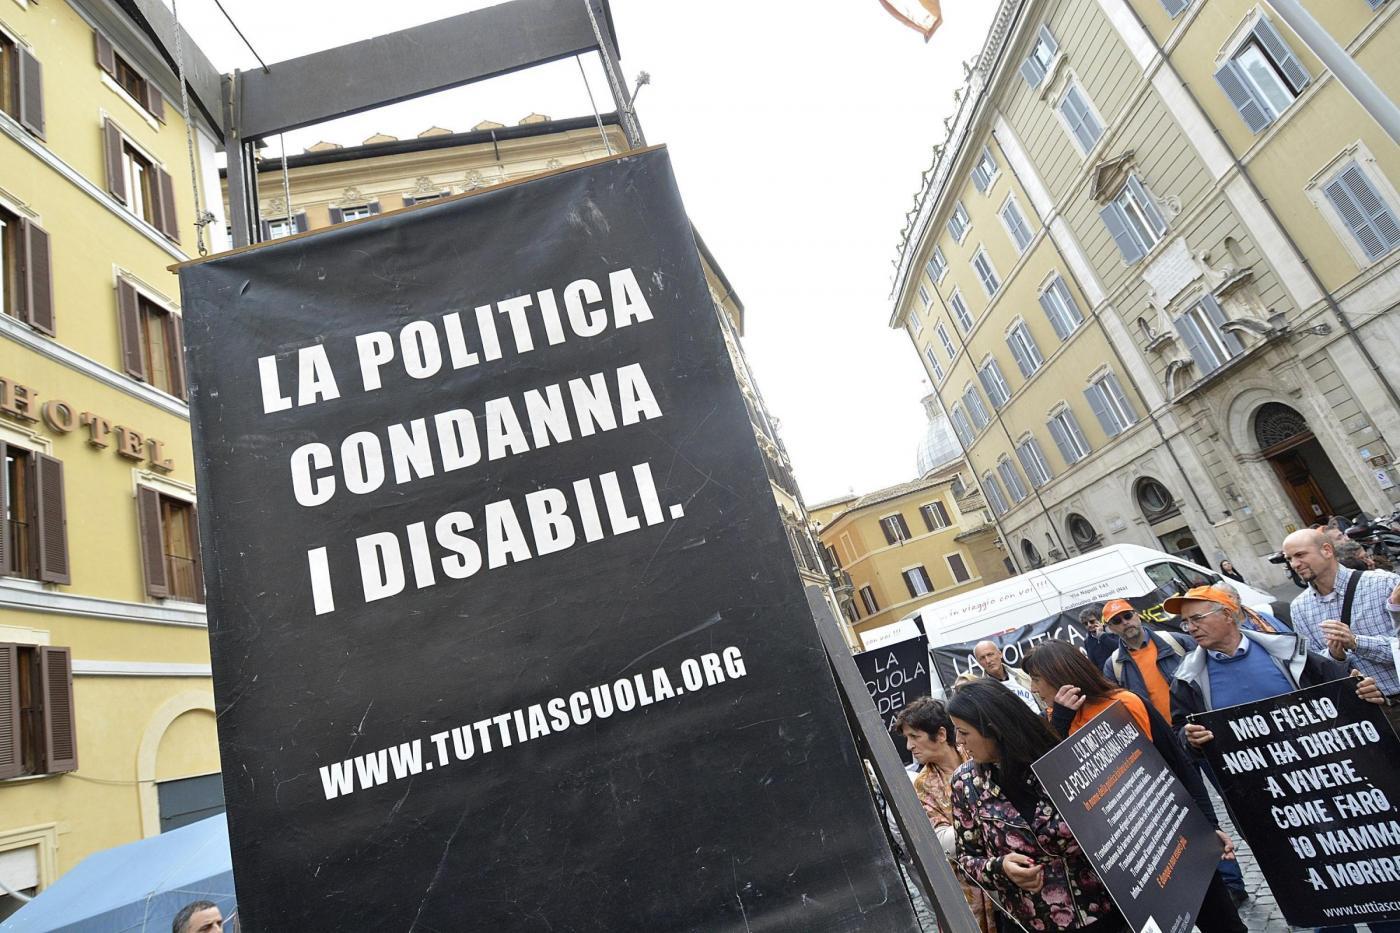 Manifestazione per sensibilizzare opinione pubblica su problematiche disabili